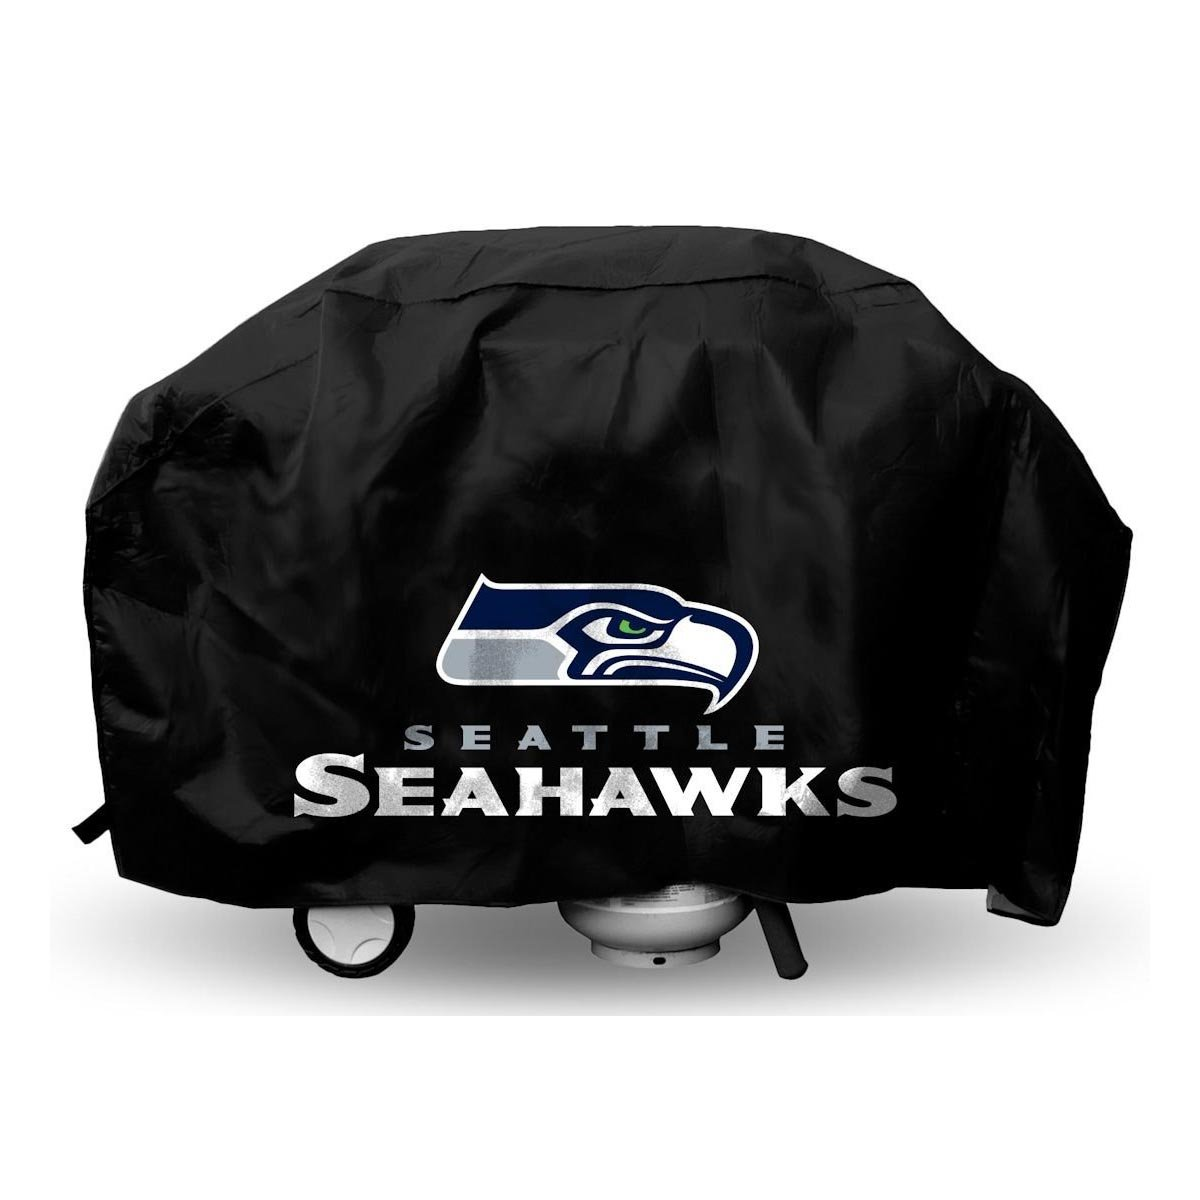 Seattle Seahawksバーベキューグリルカバー B0188F8D2A   One Size